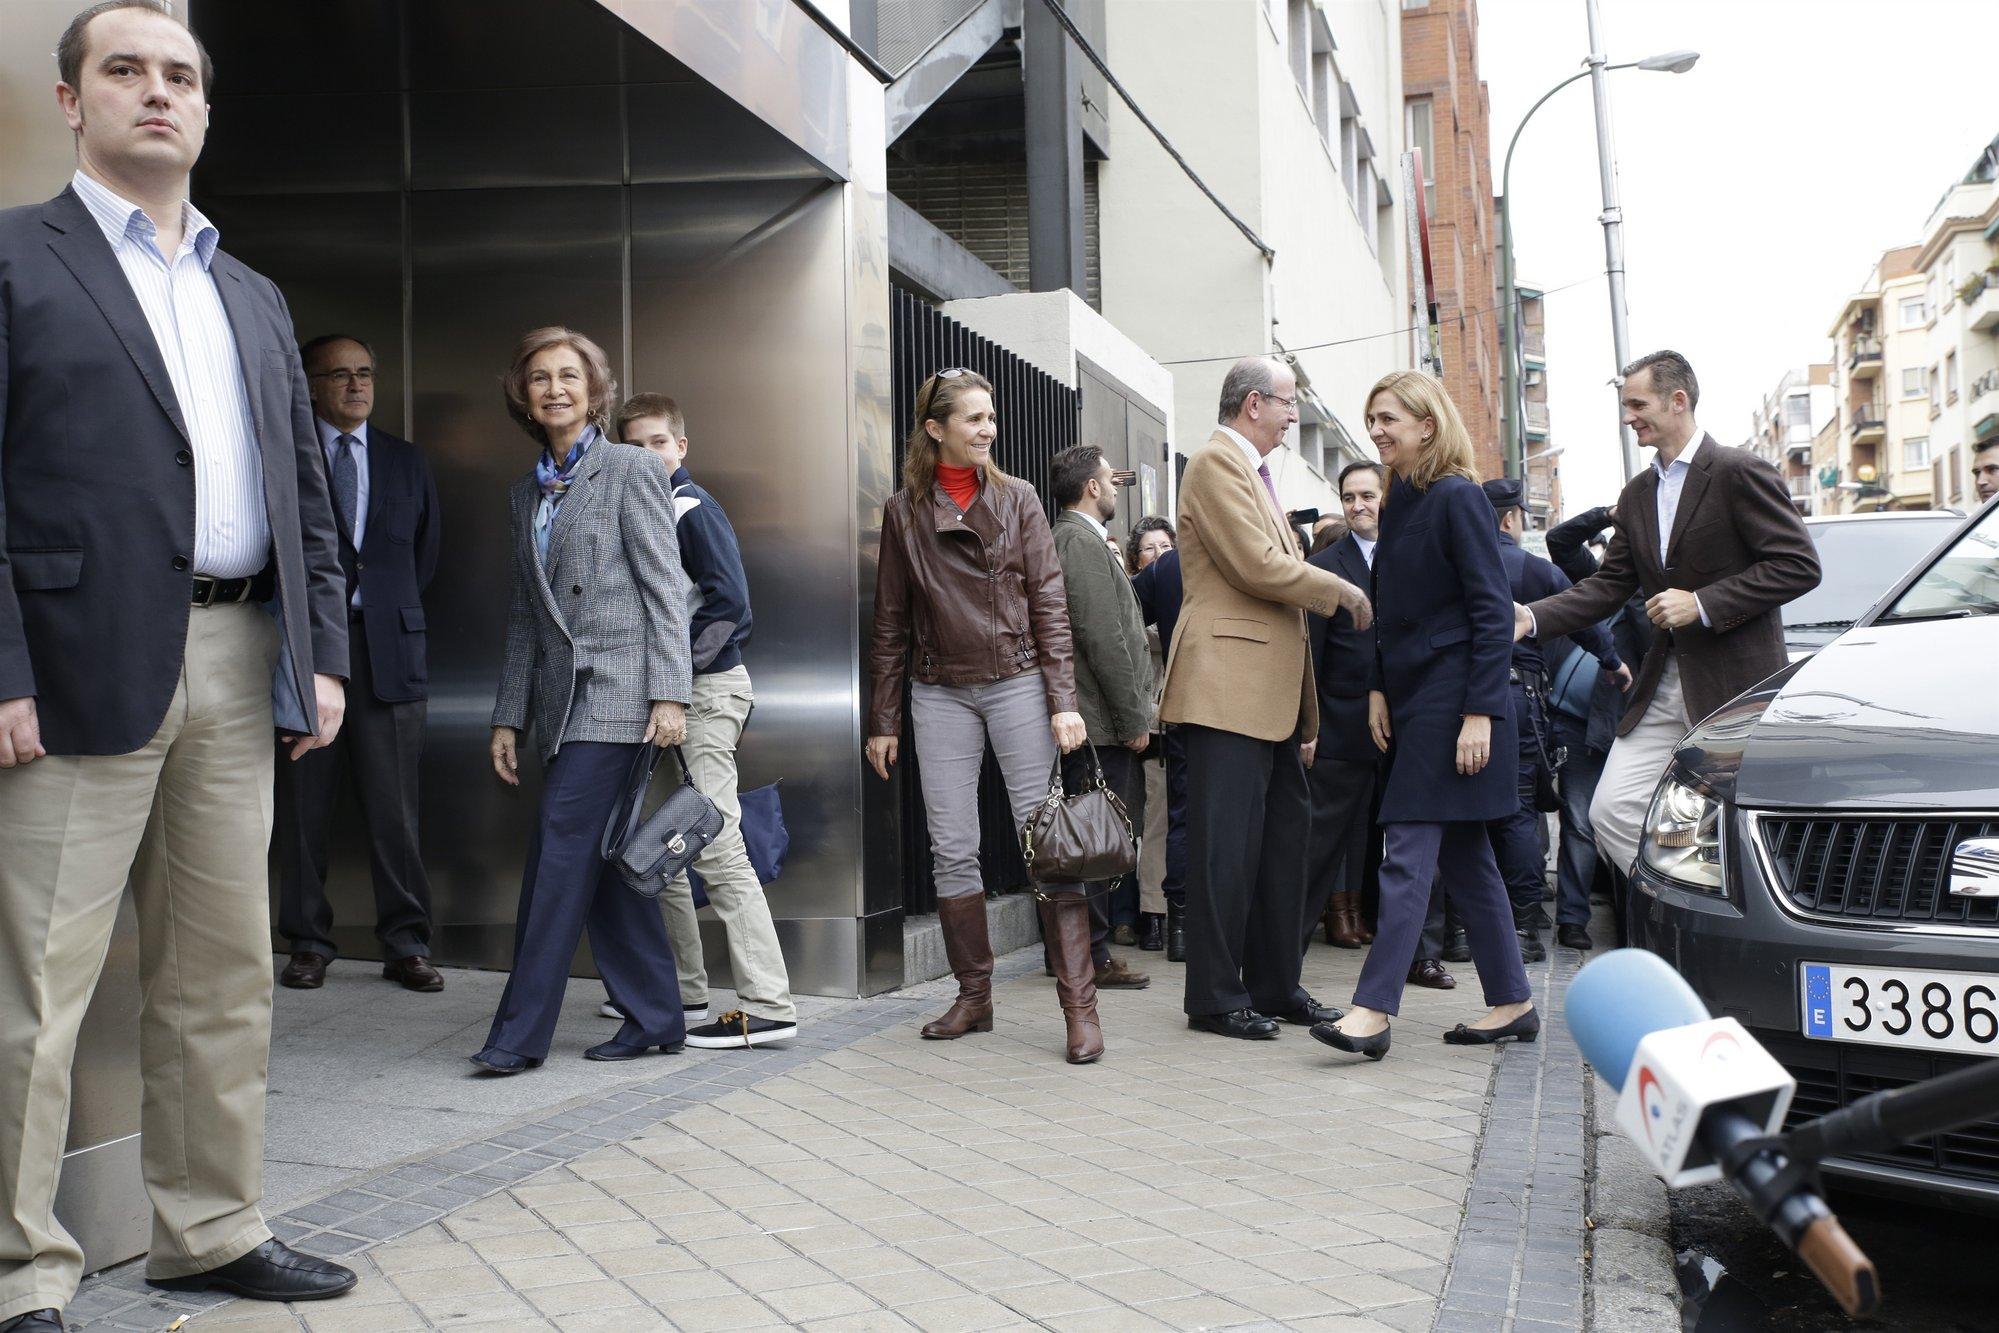 Toda la Familia Real, incluido Iñaki Urdangarin, visita al Rey en el hospital